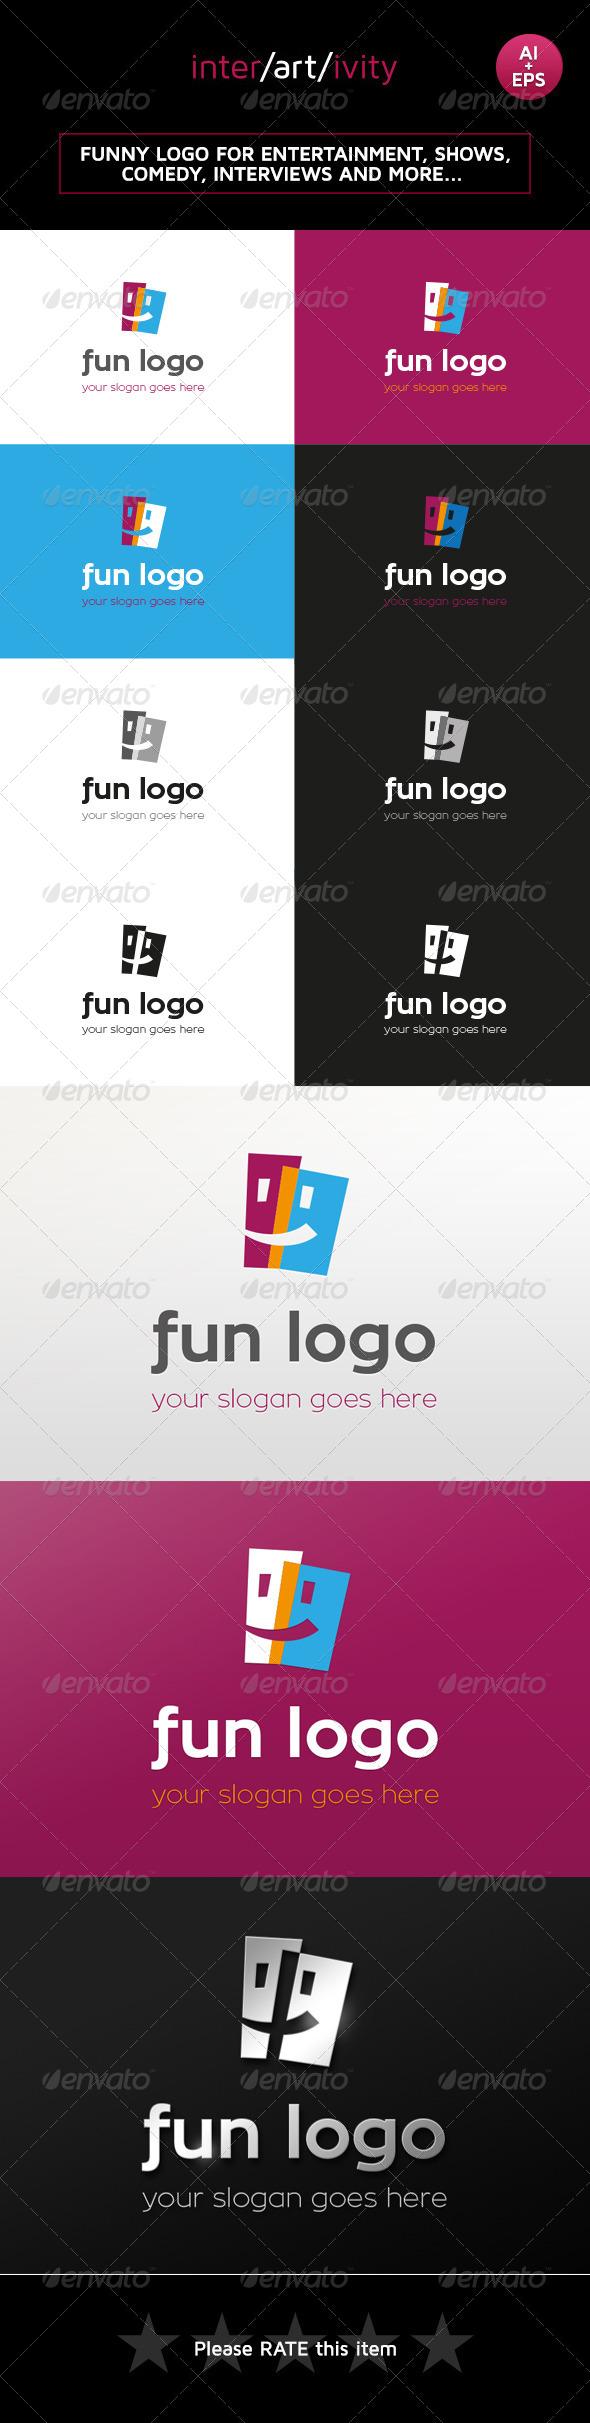 GraphicRiver Fun Logo Template 8423032